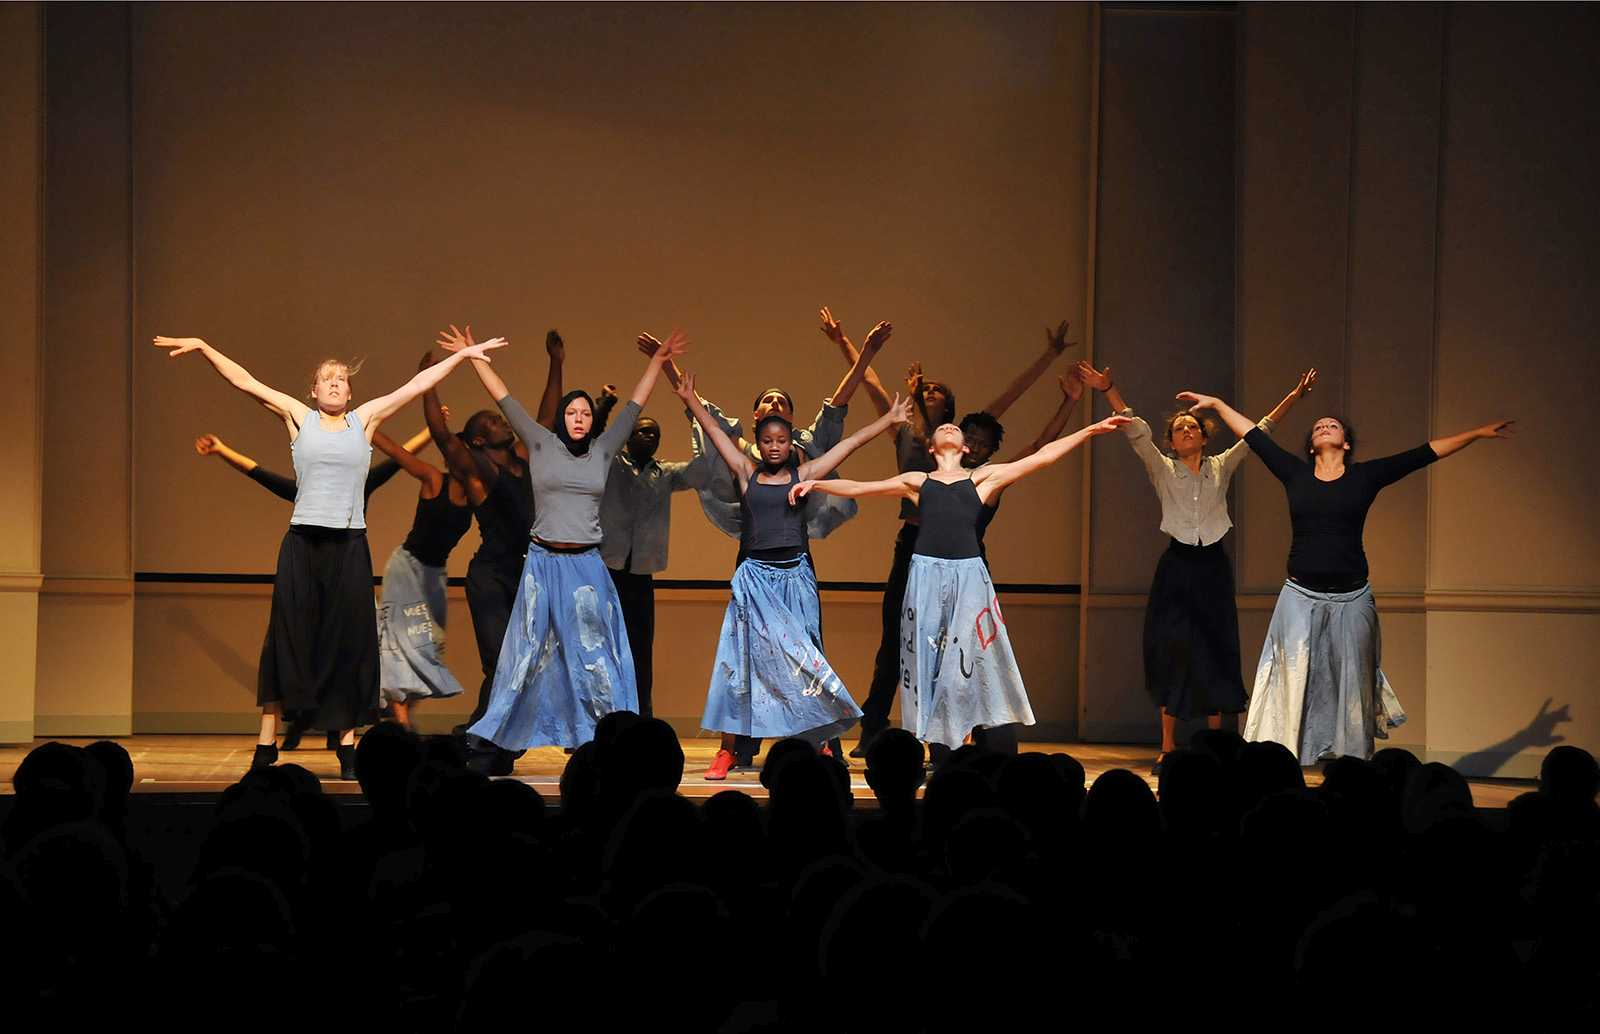 Anlässlich der Preisverleihung tanzte die lis:sanga dance Company